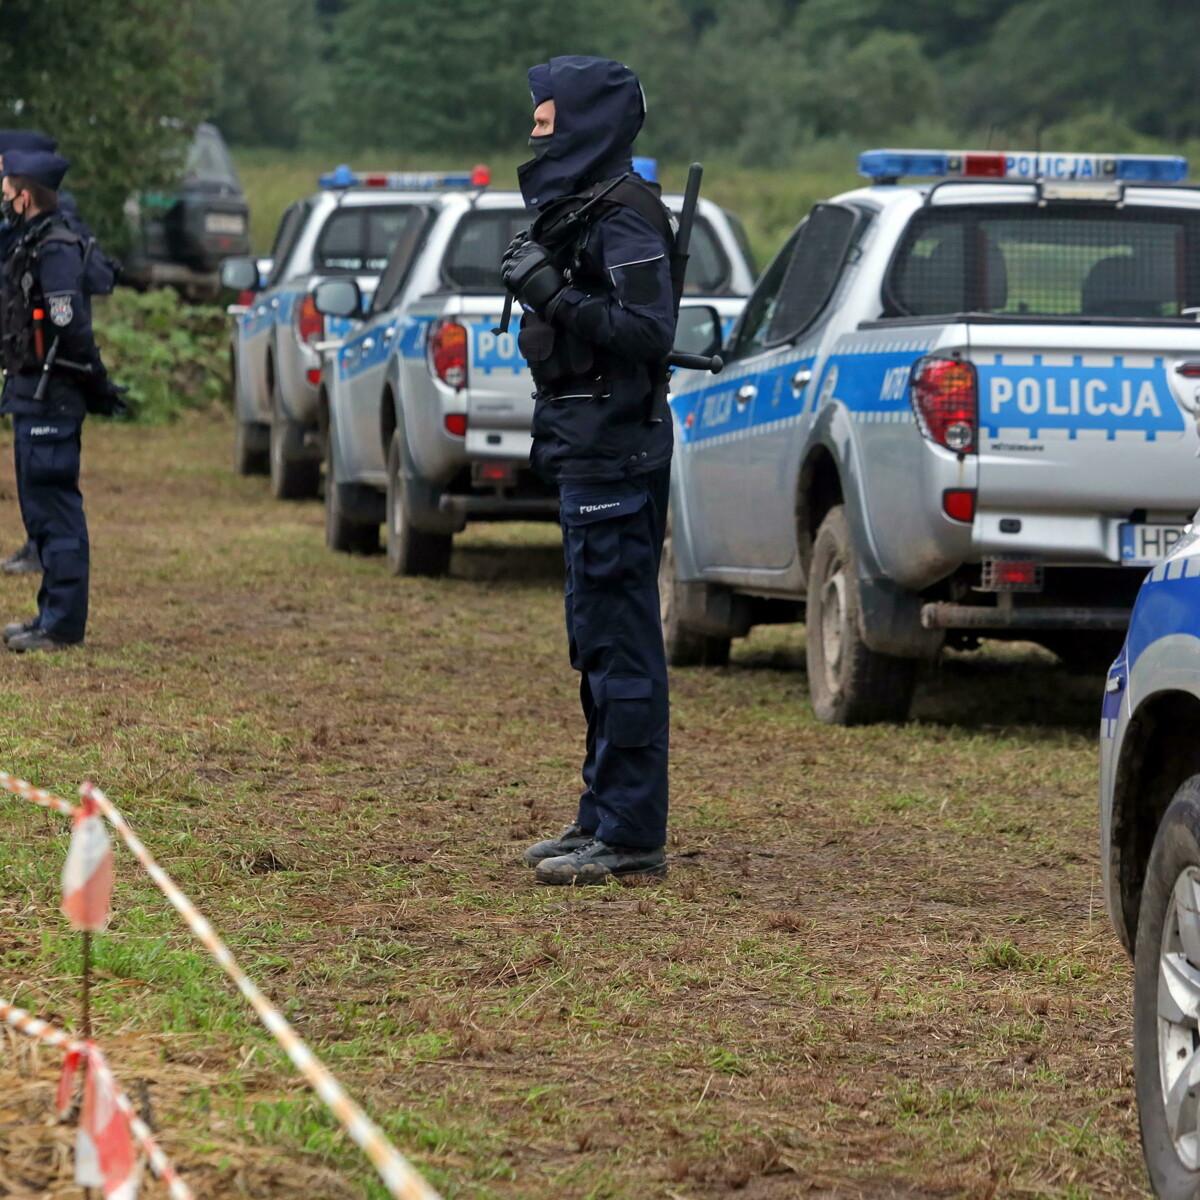 """Morti 4 migranti al confine tra Ue e Bielorussia, Ong accusa: """"Colpa dei respingimenti polacchi"""""""